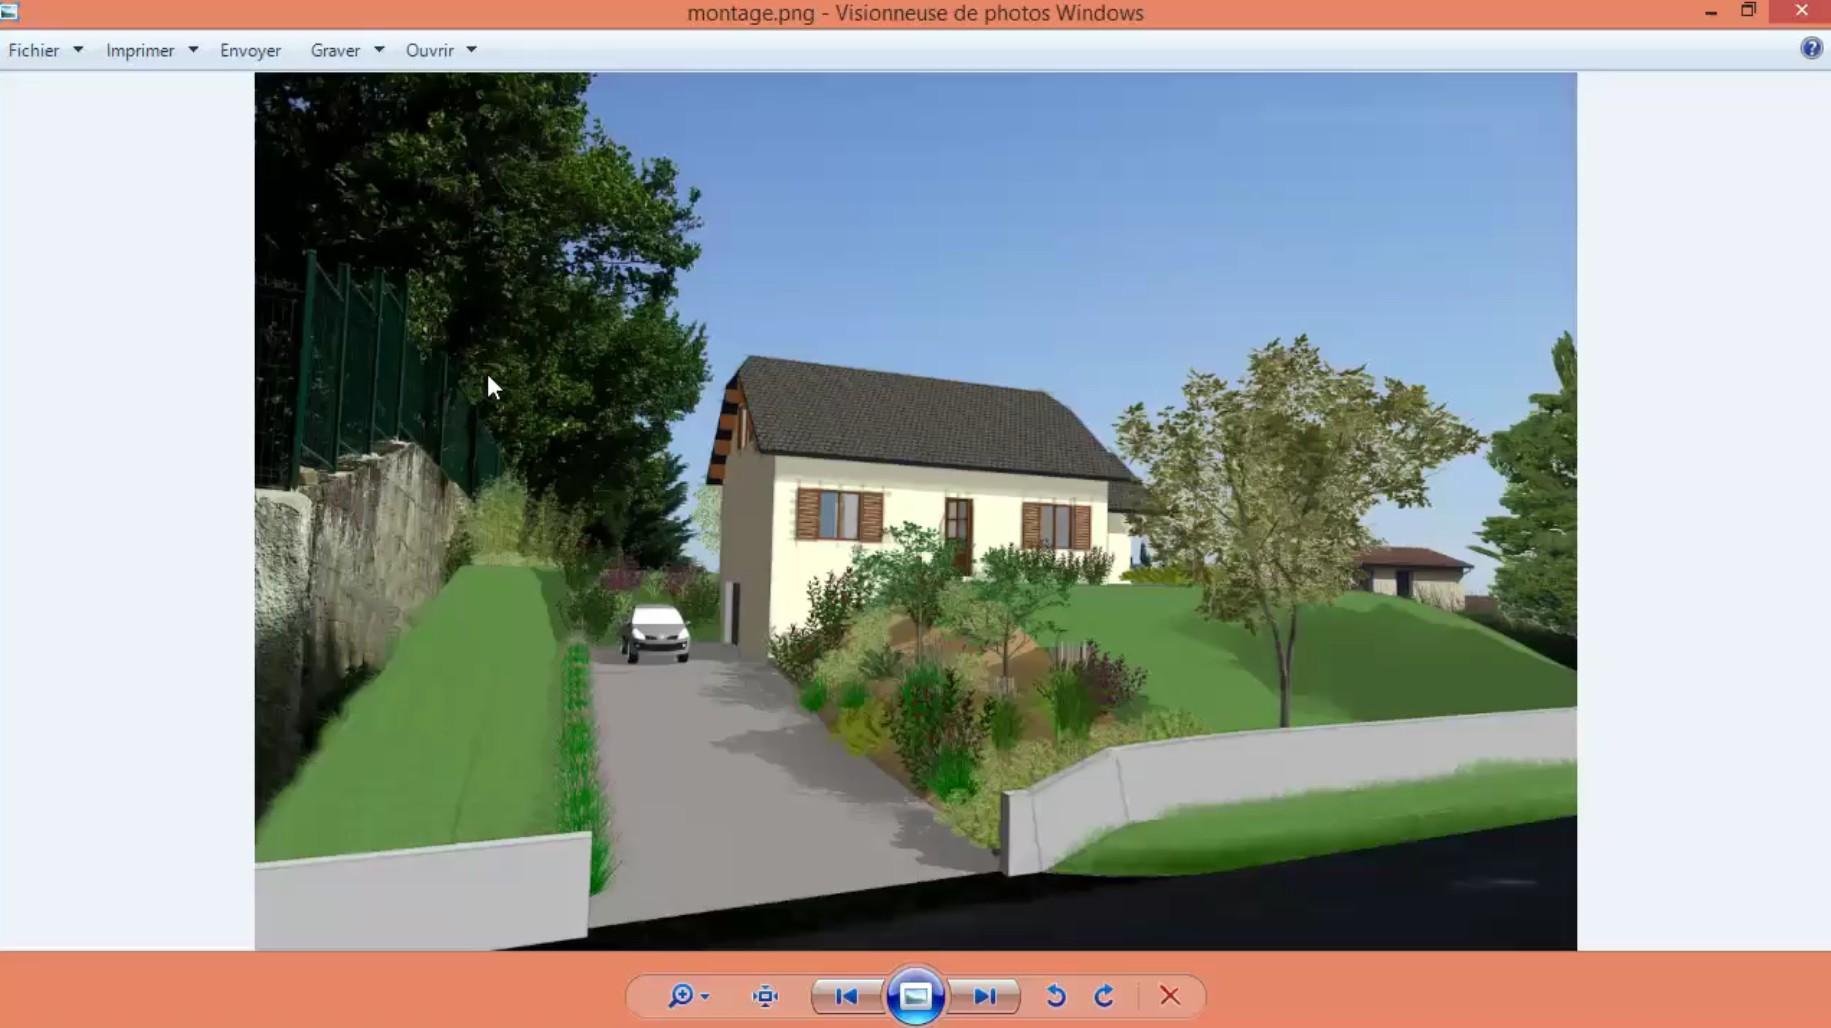 Tuto gratuit dessiner sa maison avec sketchup avec for Dessiner sa maison 3d